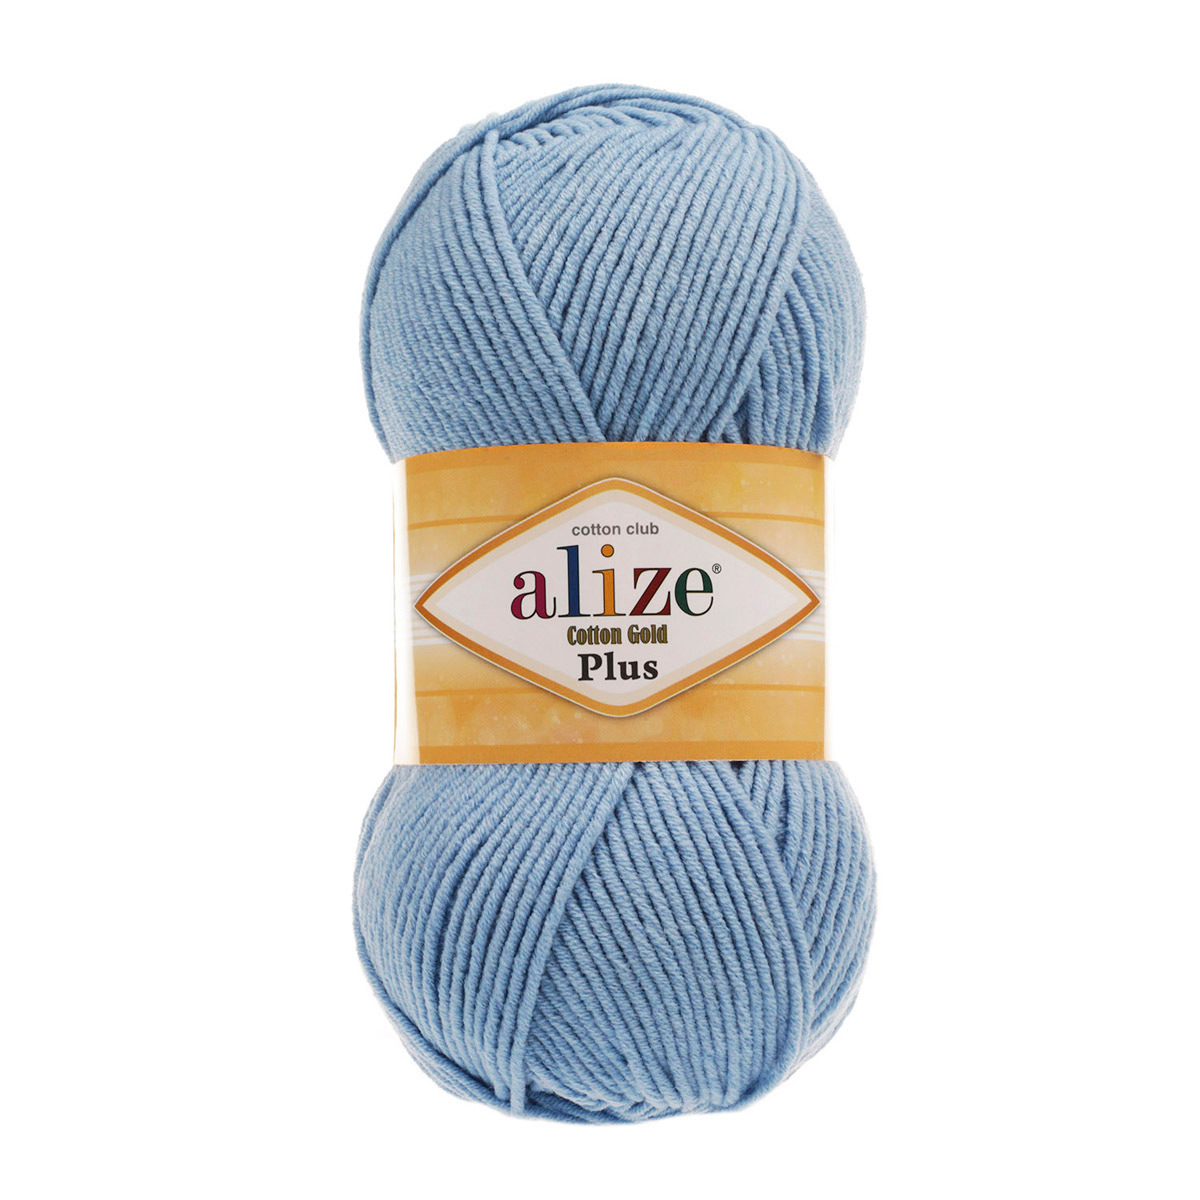 Пряжа ALIZE 'Cotton Gold Plus' 100гр., 200м. (55%хлопок, 45%акрил) ТУ